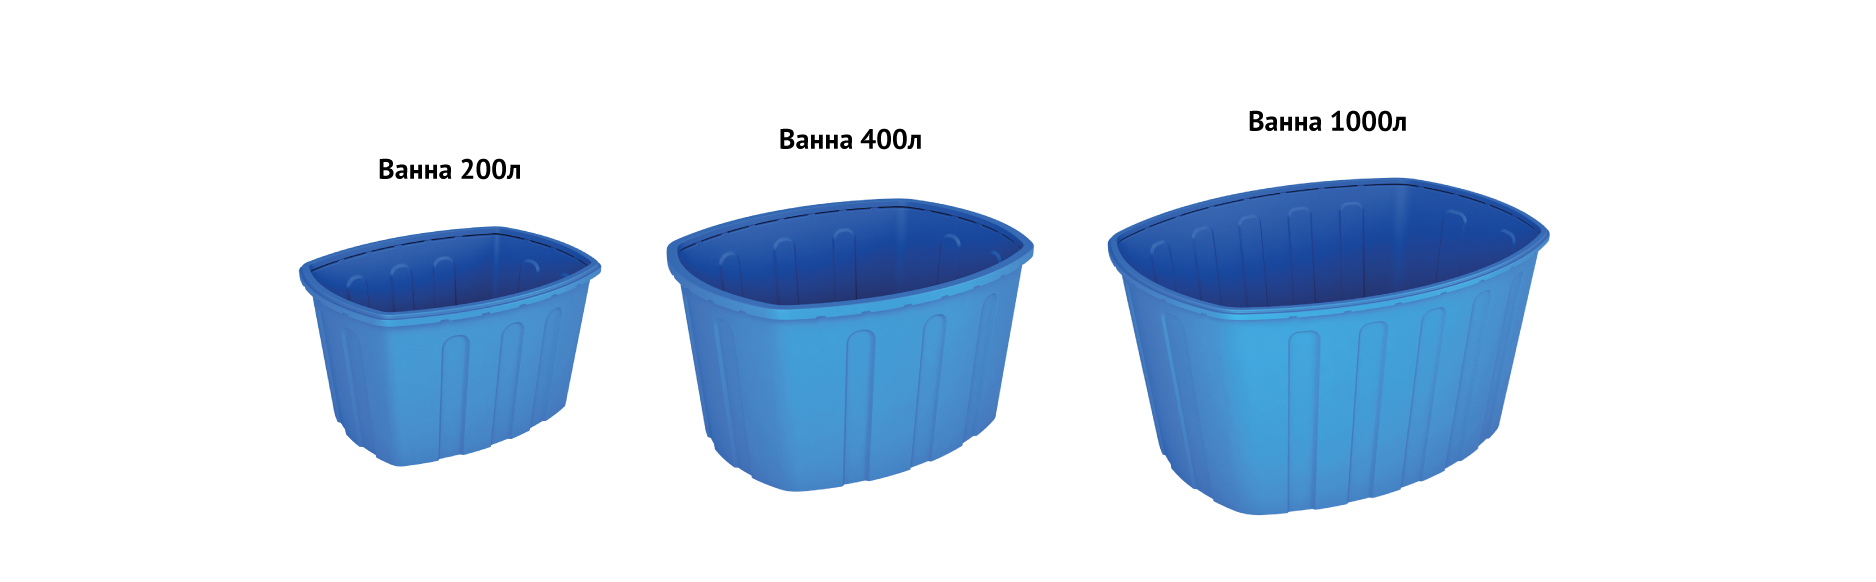 Модели пластиковых ванн